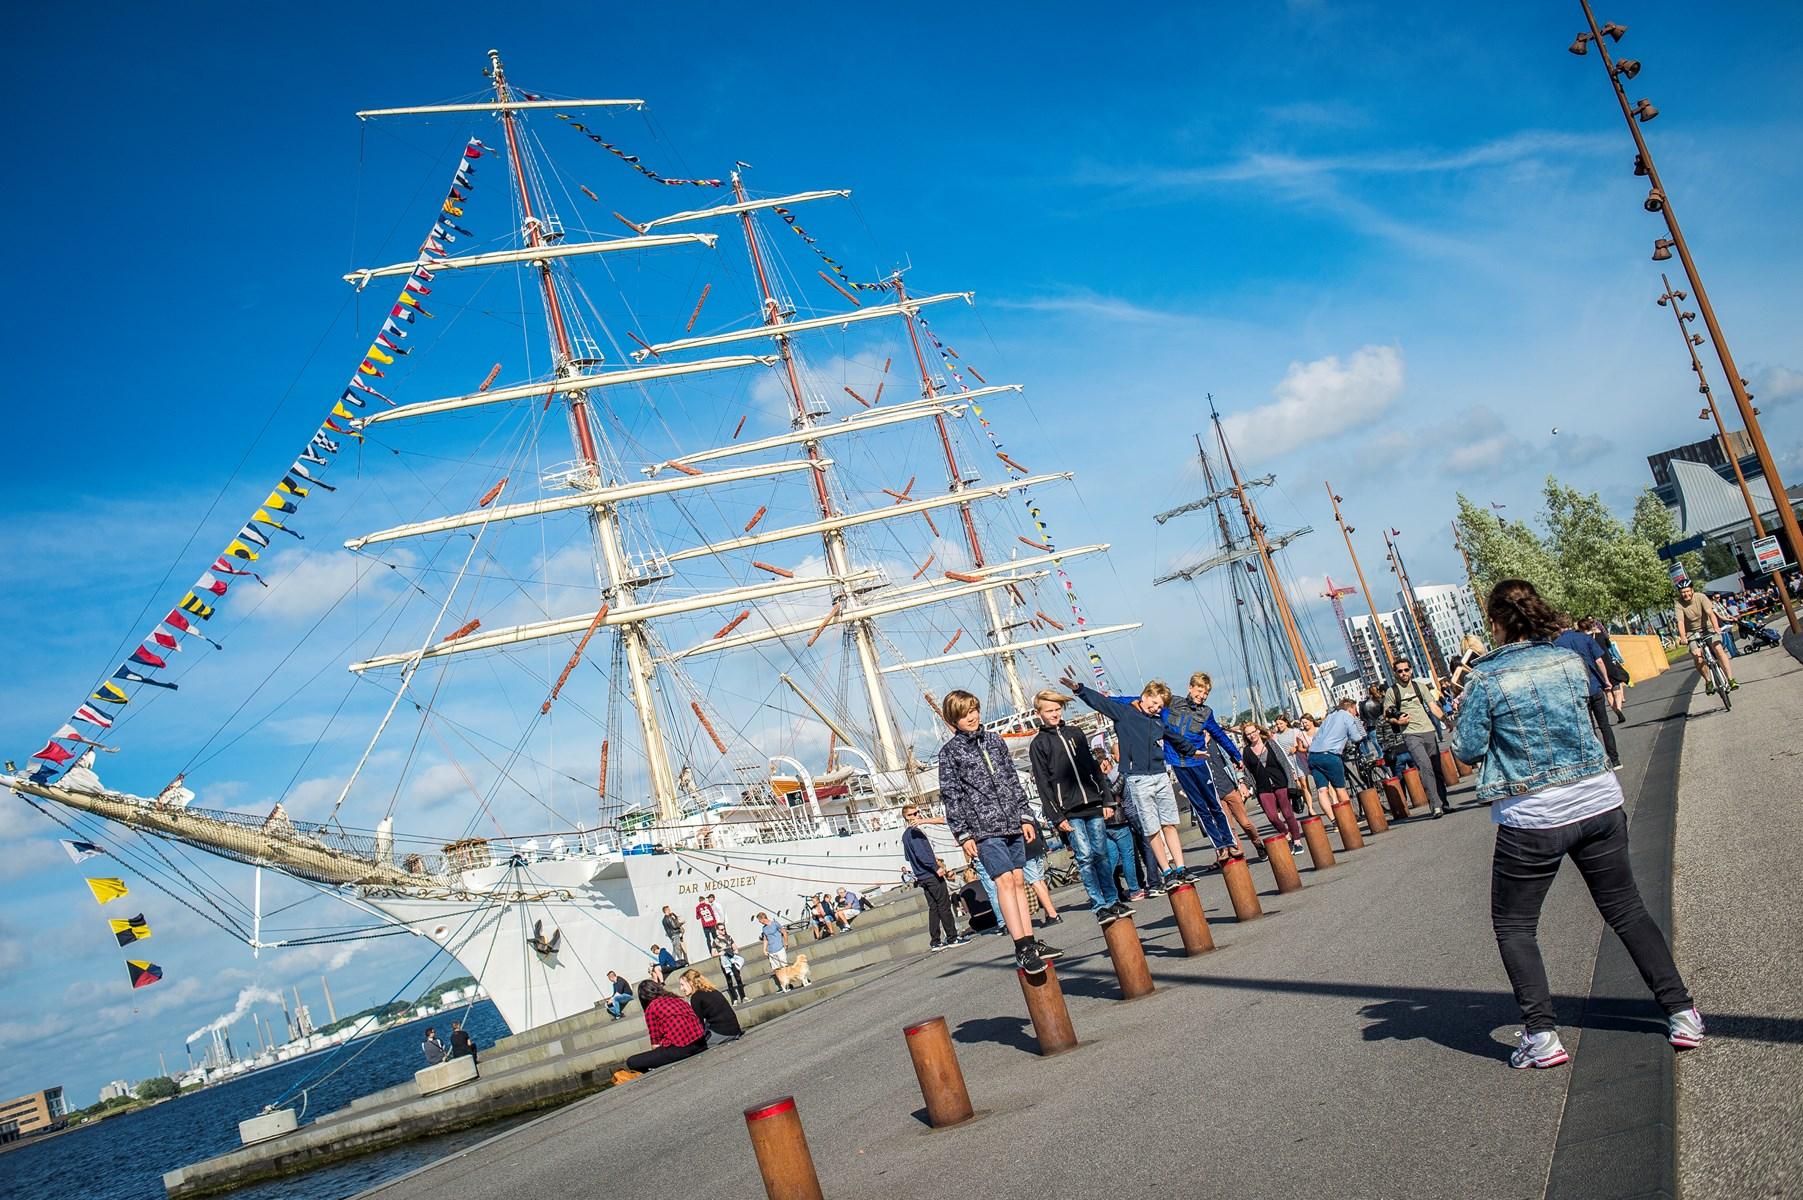 Det er sjette gang, du kan opleve Aalborg Regatta. Arrangementet holdt pause i 2015 og gør det også næste år, når Aalborg igen er vært for The Tall Ships Races. Arkivfoto: Martin Damgård